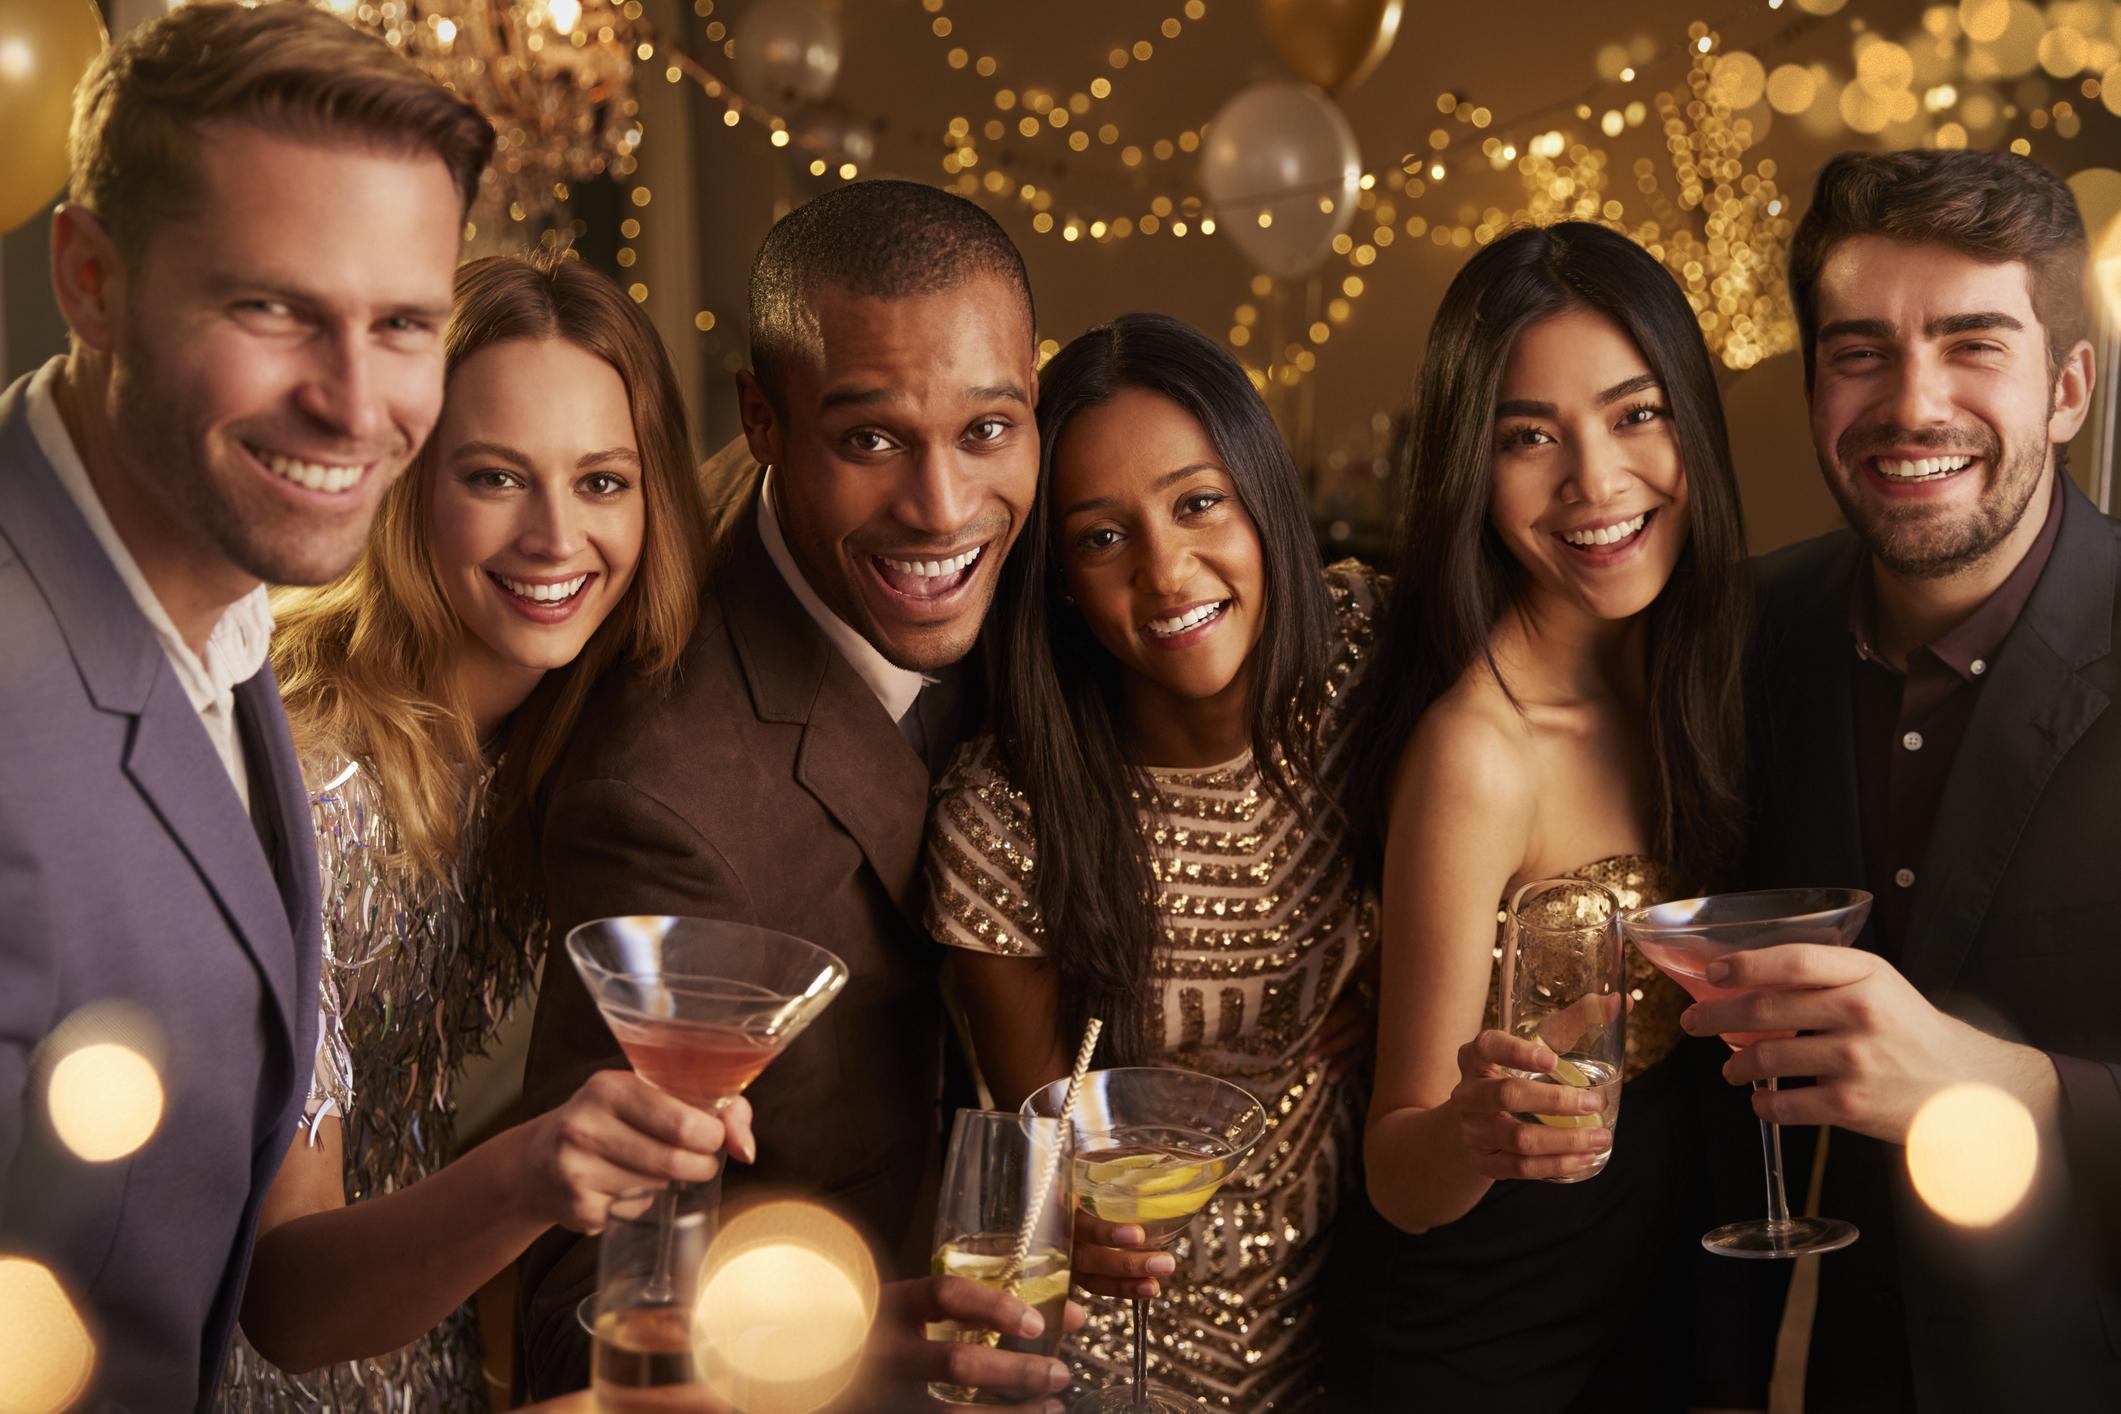 Kerstborrel met cocktails